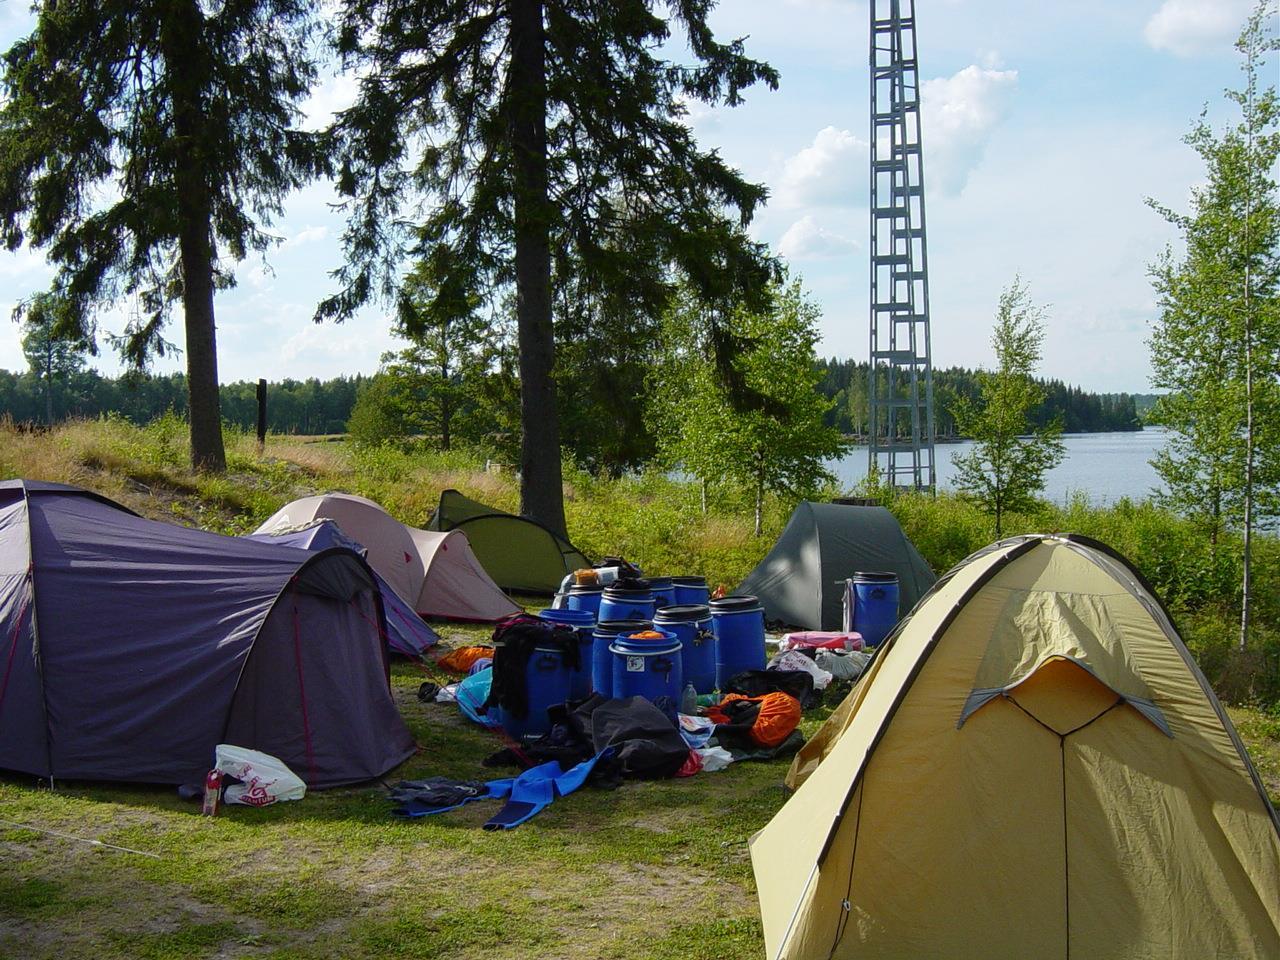 13 Hier stonden we een nacht op een camping, wat hadden we veel zooi zeg! (Bas Wetter)